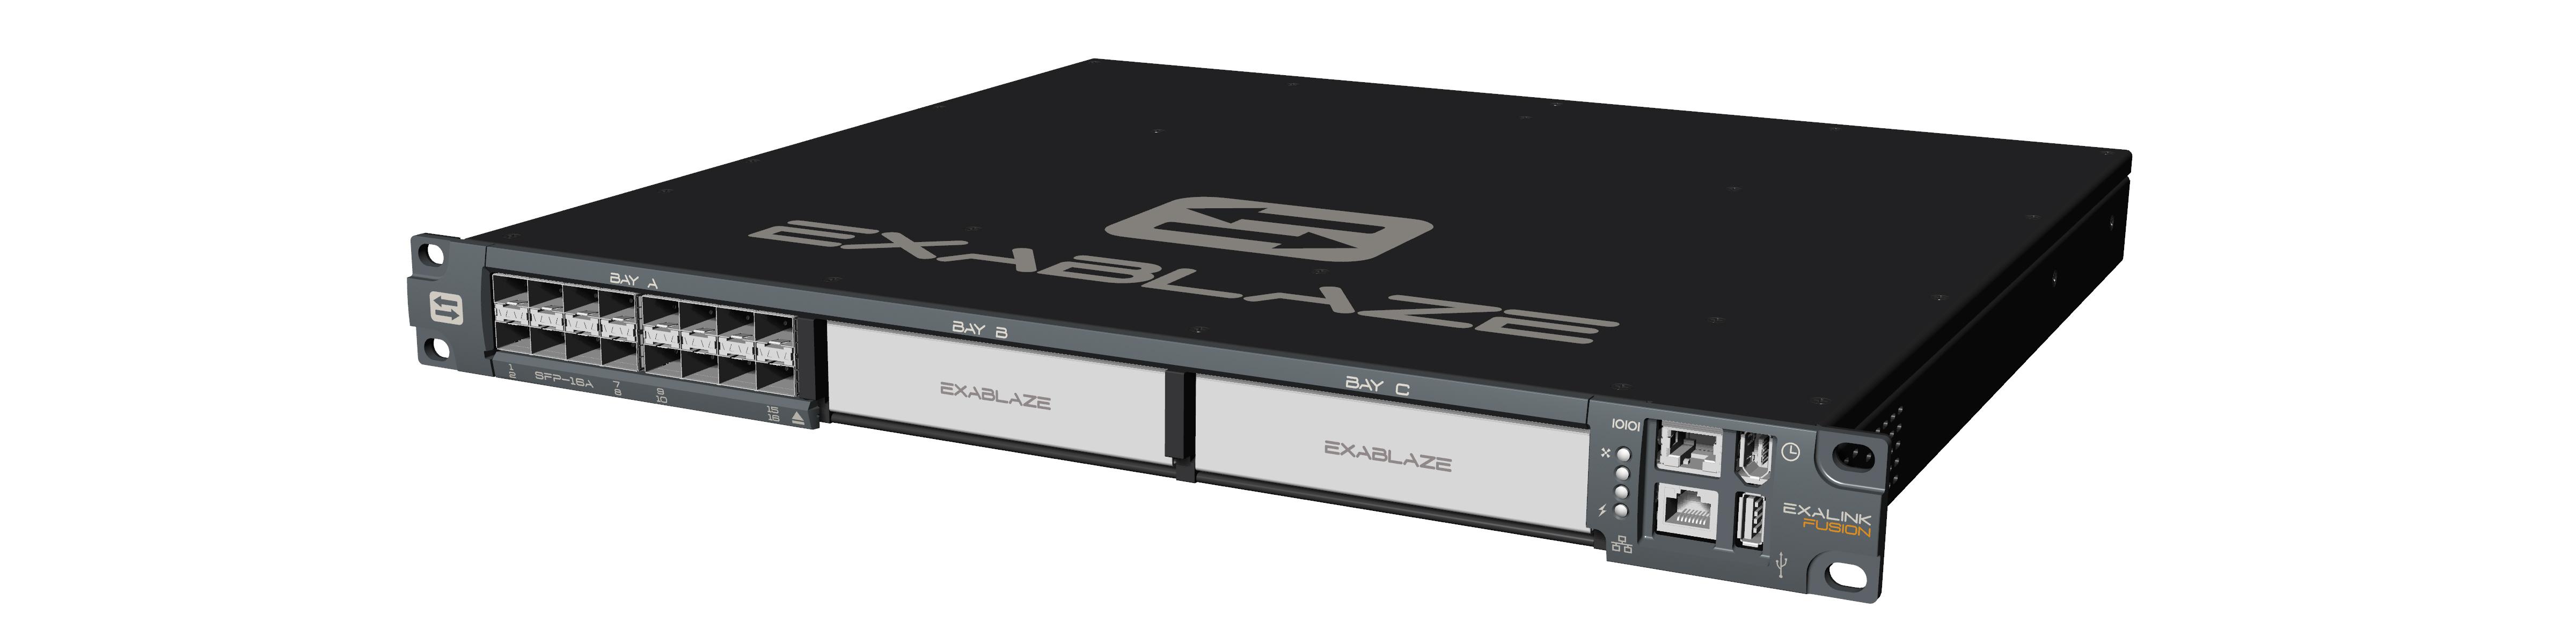 世界最小延迟的网络交换机采用赛普拉斯QDR-IV SRAM